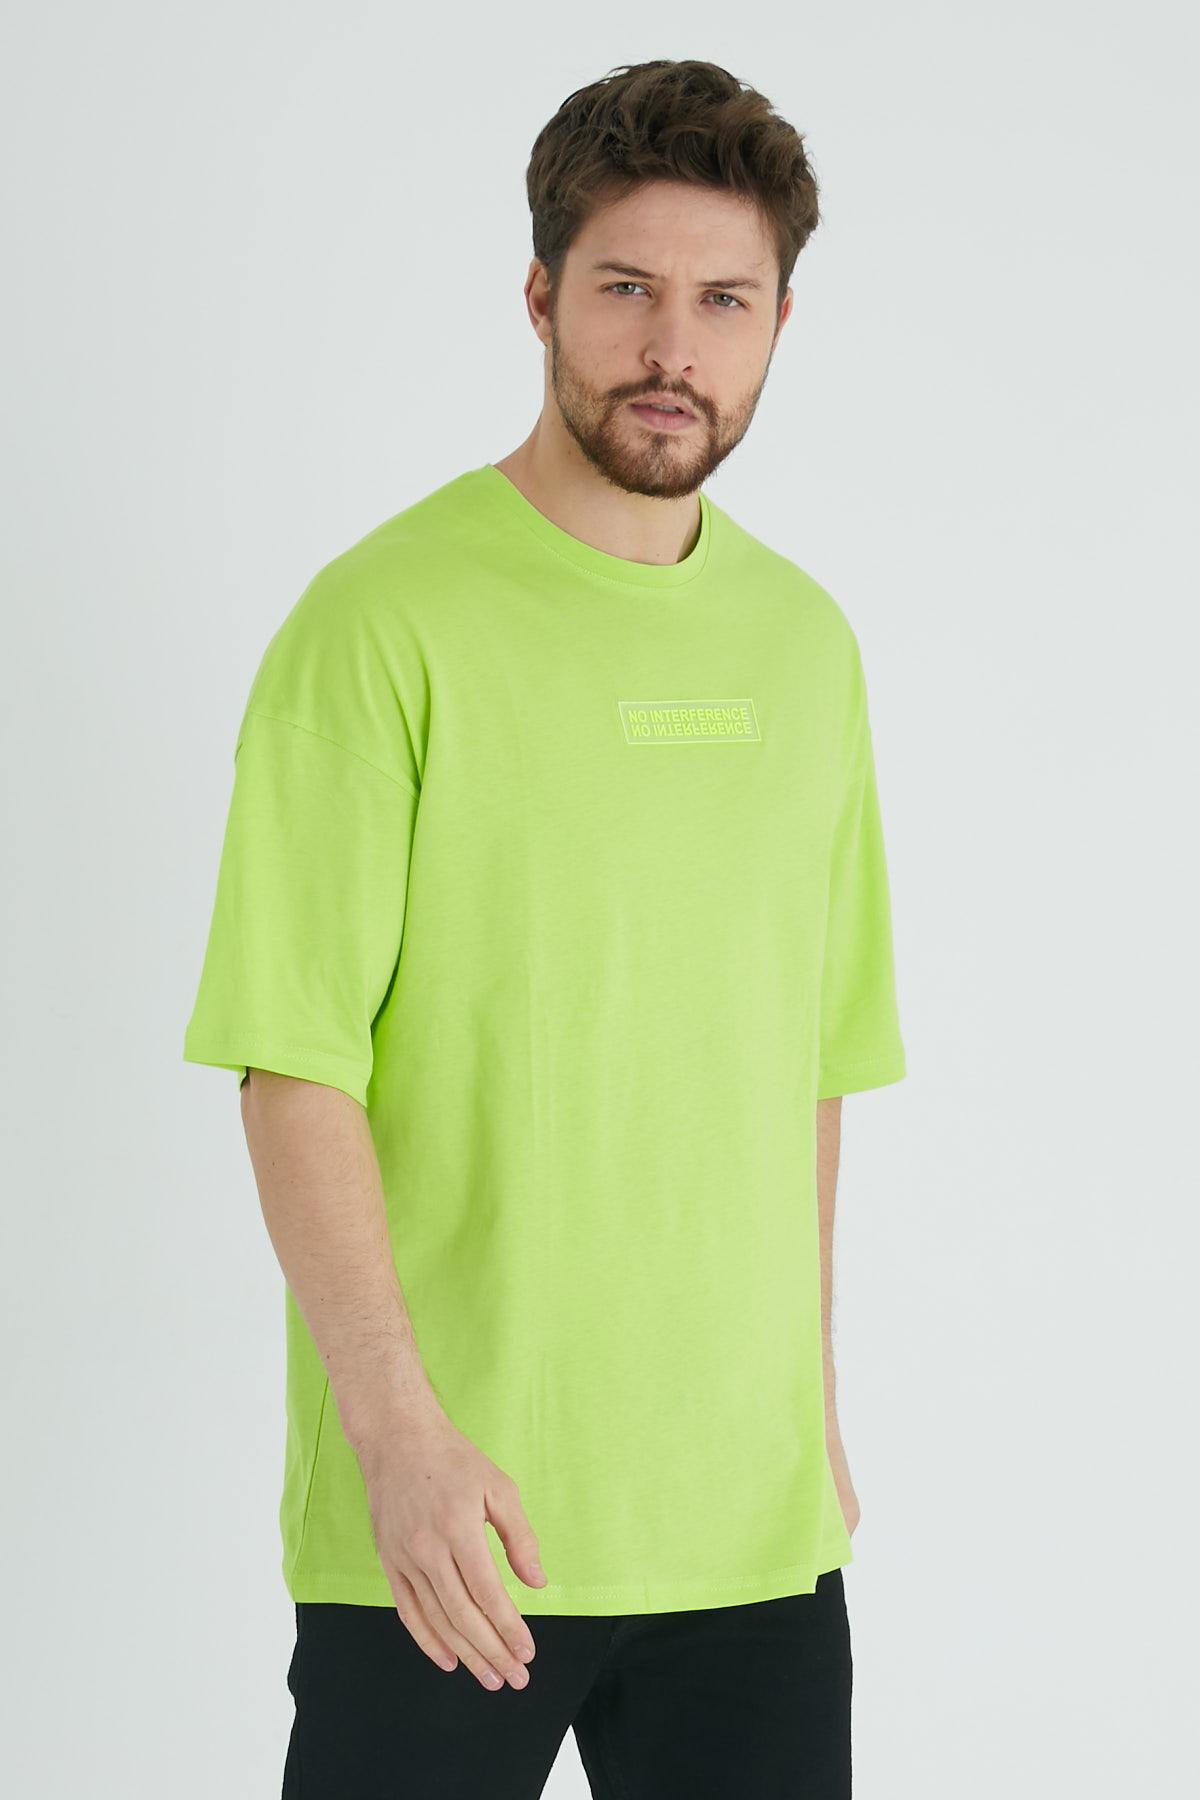 XHAN - Sarı Baskılı Oversize T-Shirt 1KXE1-44677-10